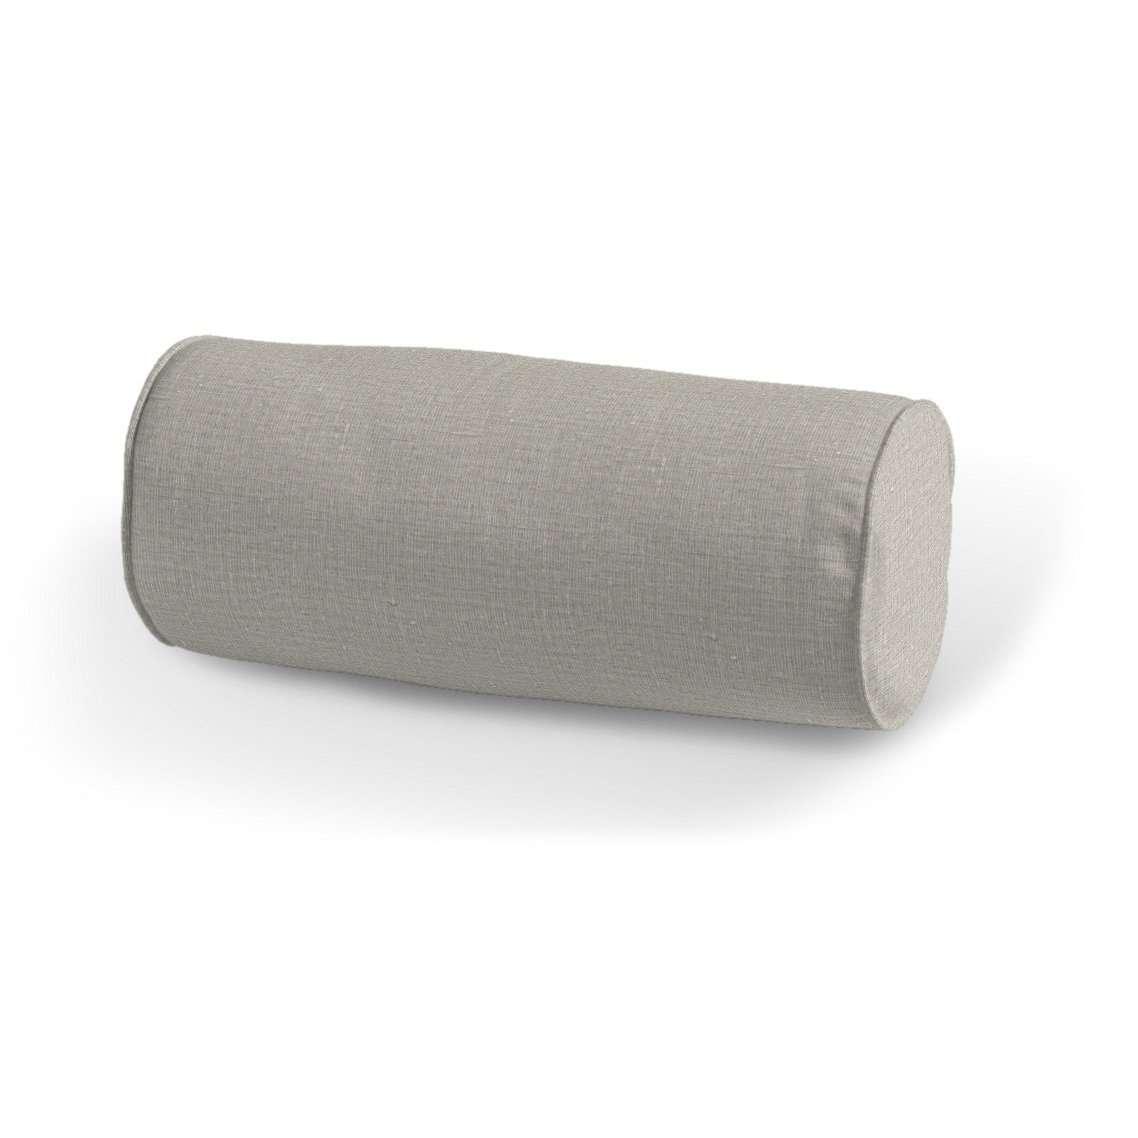 Poduszka wałek prosty w kolekcji Linen, tkanina: 392-05